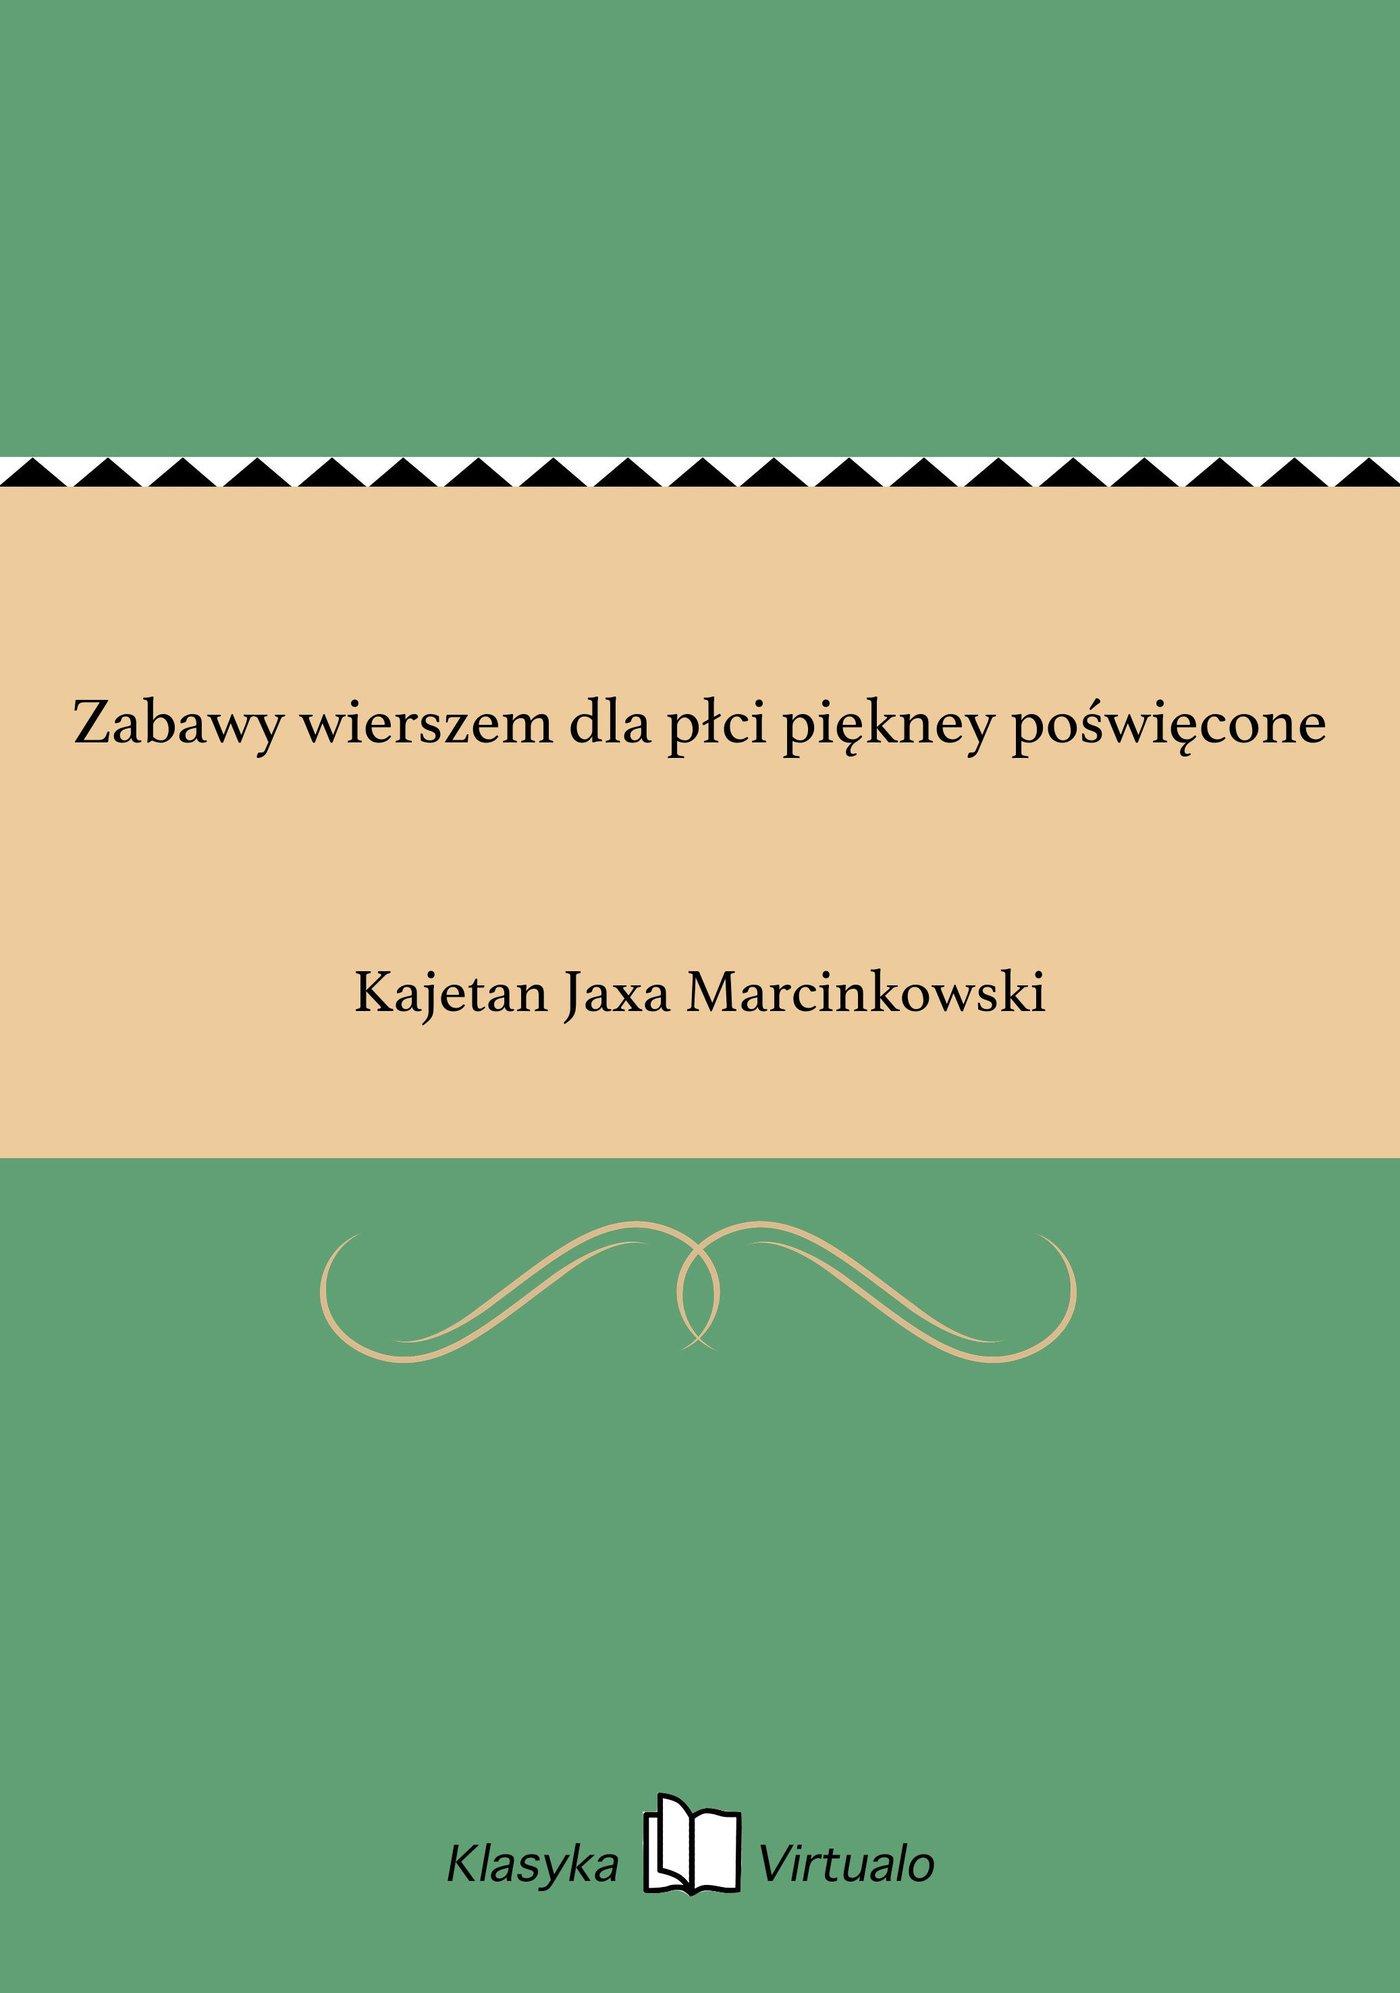 Zabawy wierszem dla płci piękney poświęcone - Ebook (Książka EPUB) do pobrania w formacie EPUB